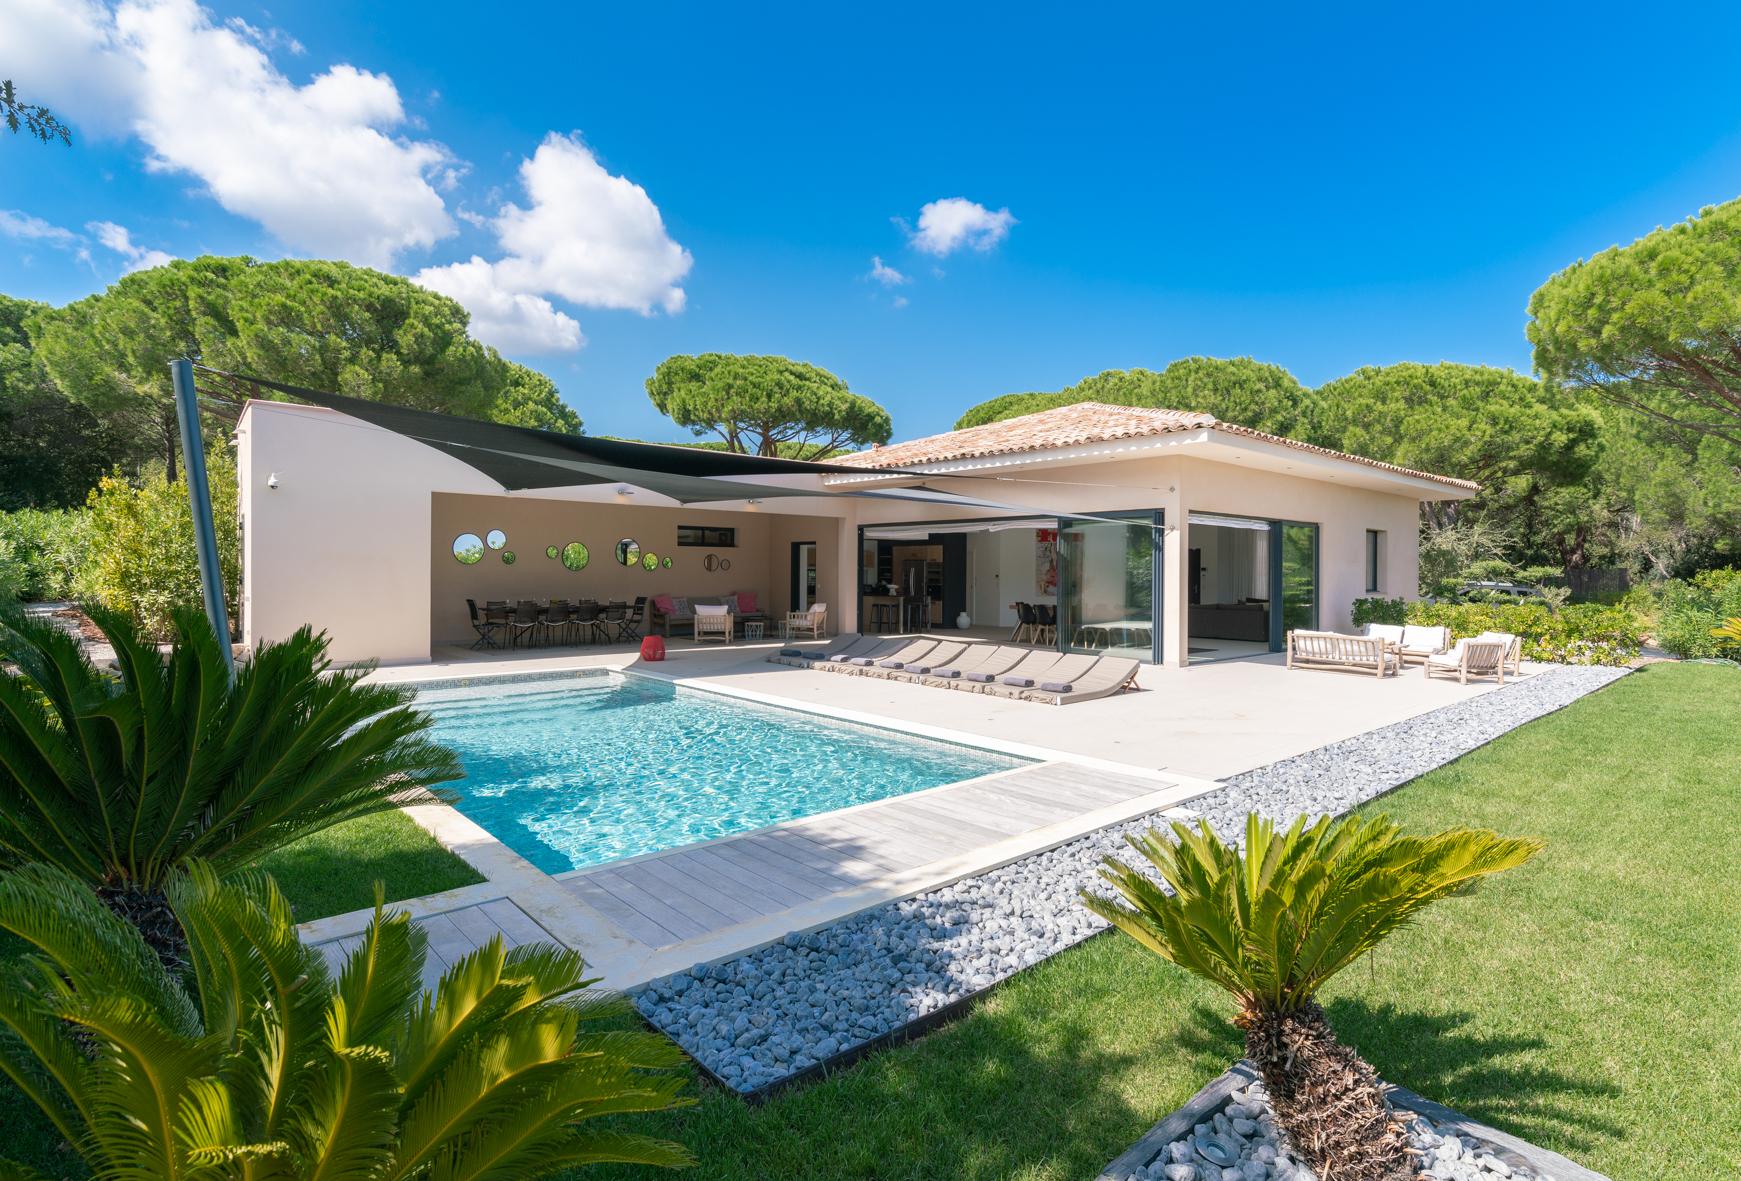 Villa Cycas villa overview image